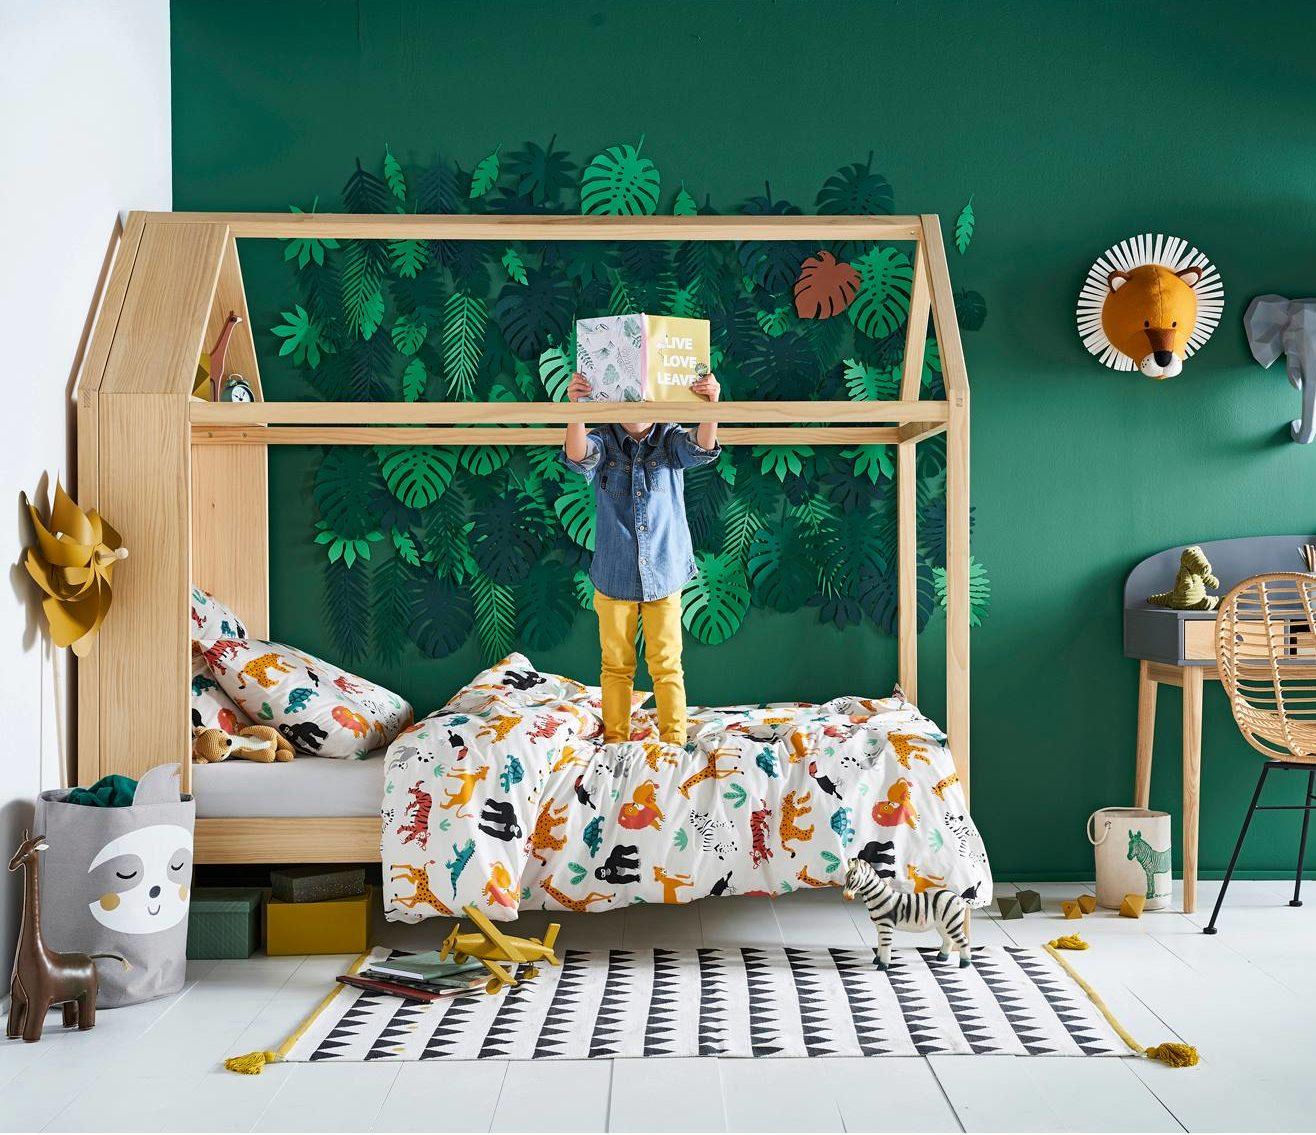 Partage Chambre Fille Garcon idée déco chambre enfant : une chambre jungle - blog maman